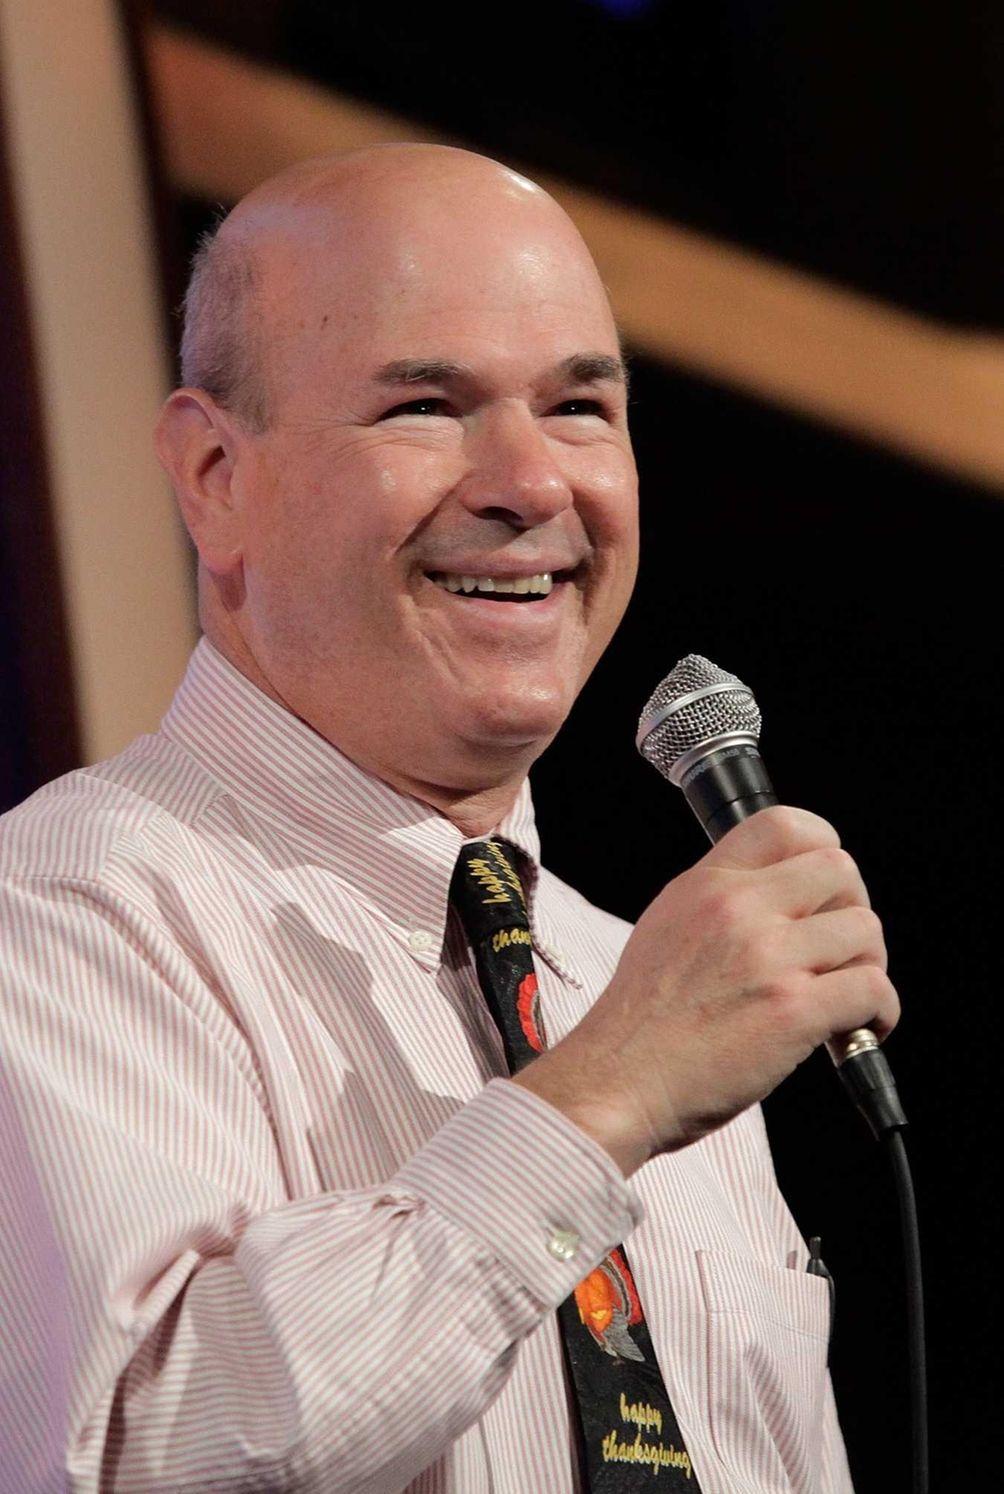 Actor/comedian Larry Miller, who played the vindictive doorman